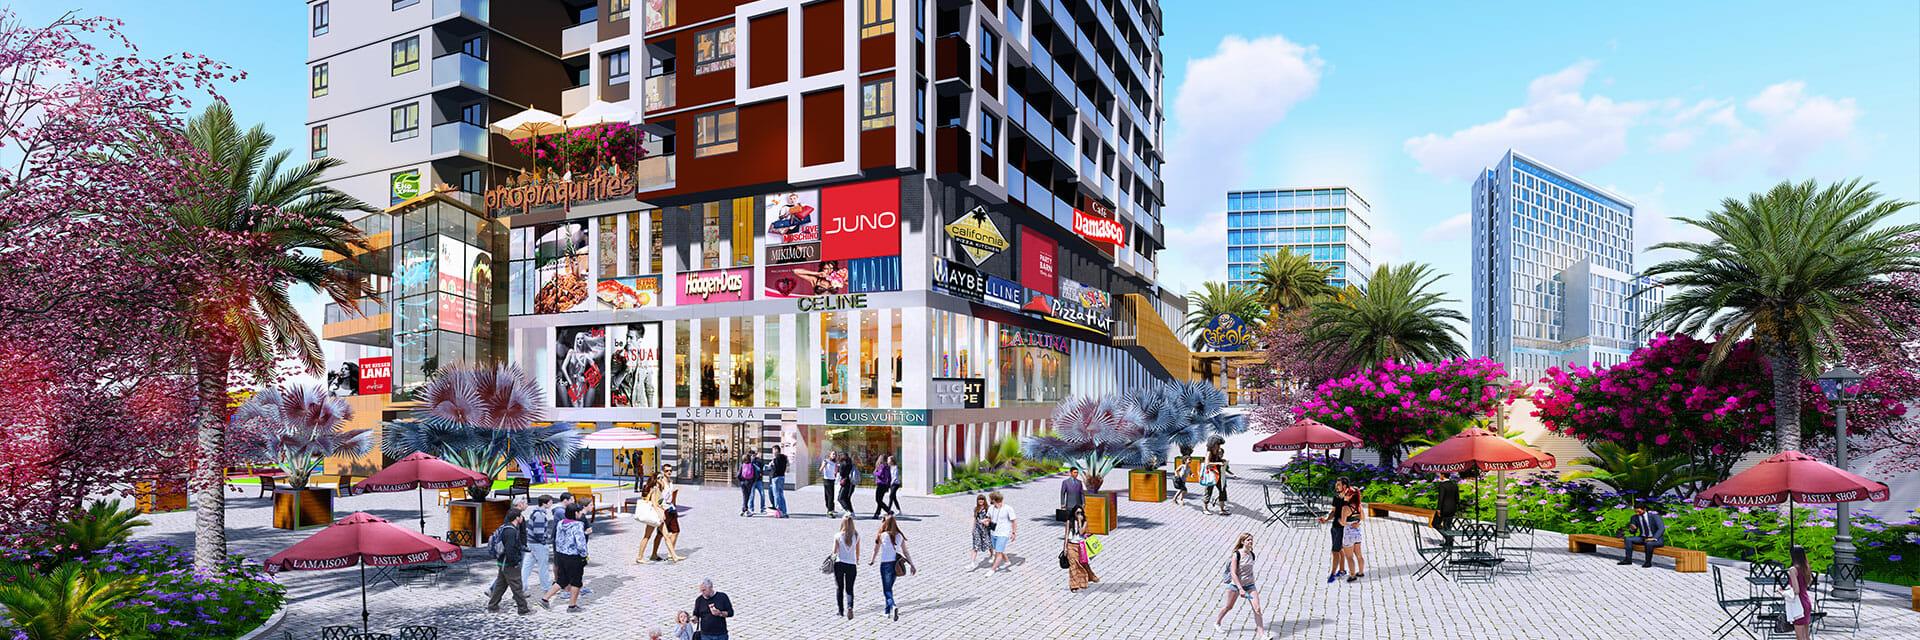 New Times City thuận tiện để ở và khai thác kinh doanh do nằm ngay trung tâm thị xã Tân Uyên